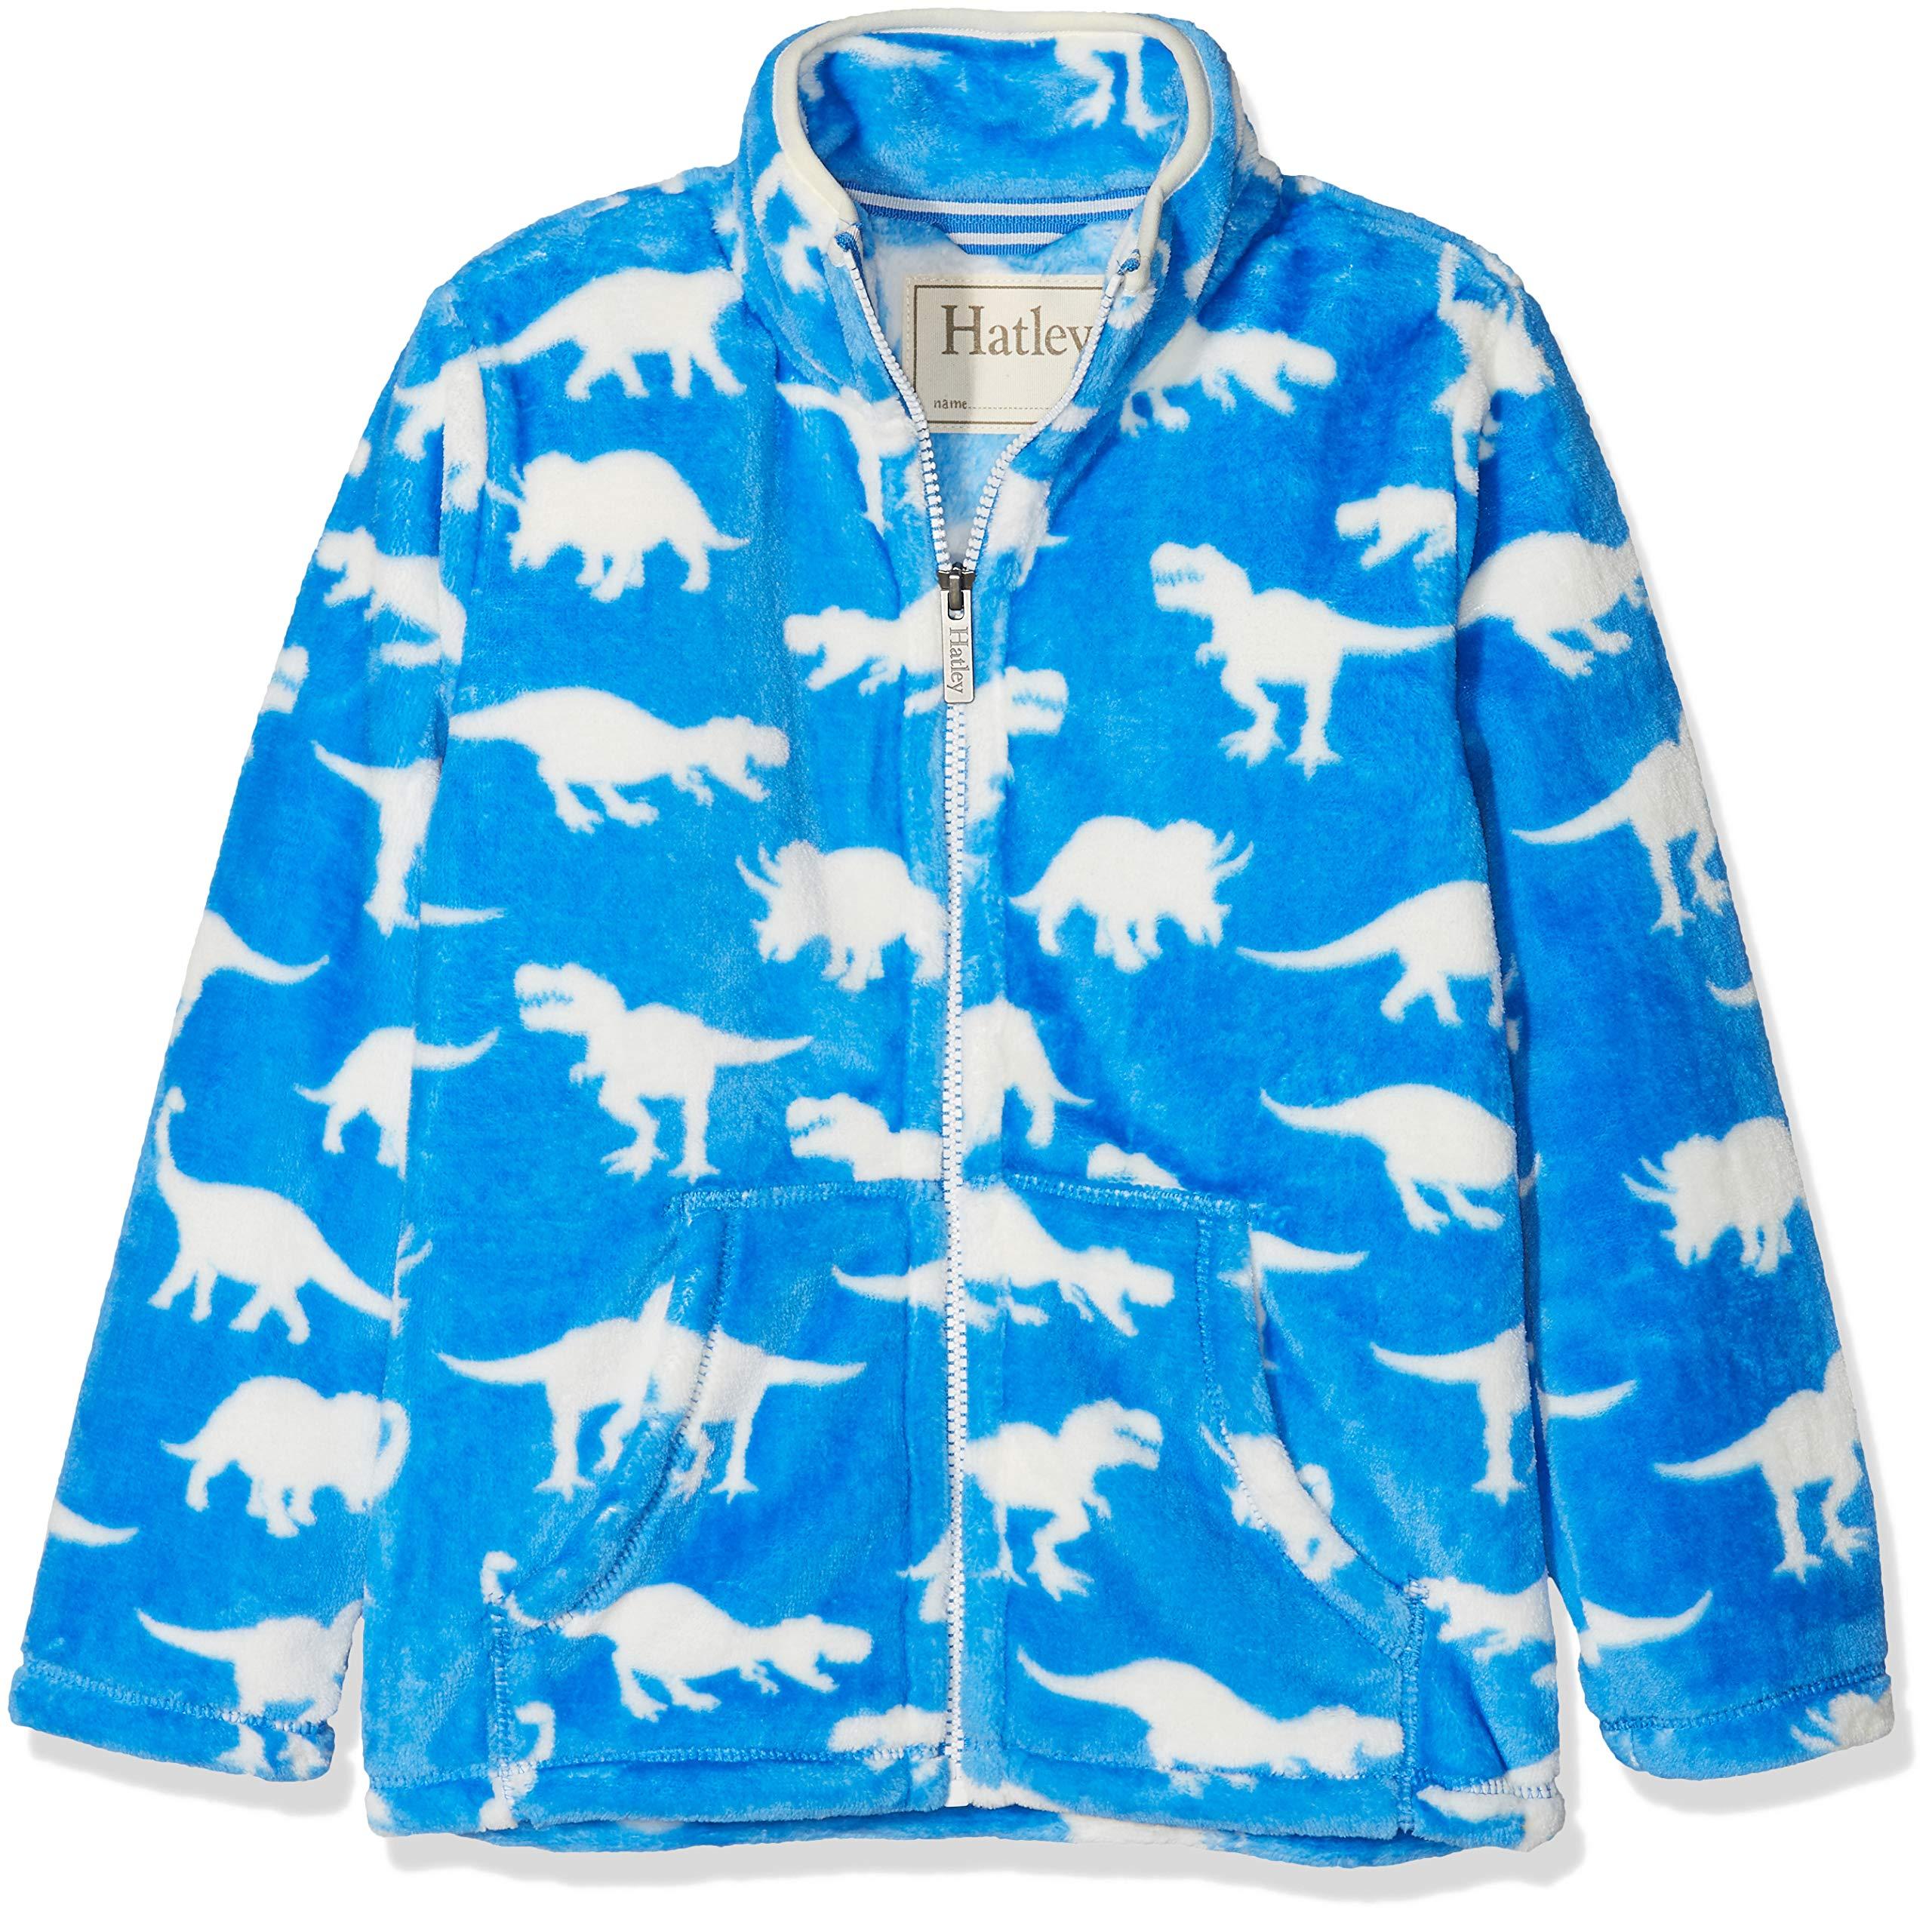 Hatley Boys' Little Fuzzy Fleece Full Zip Jackets, Roaming Dinos, 2 Years